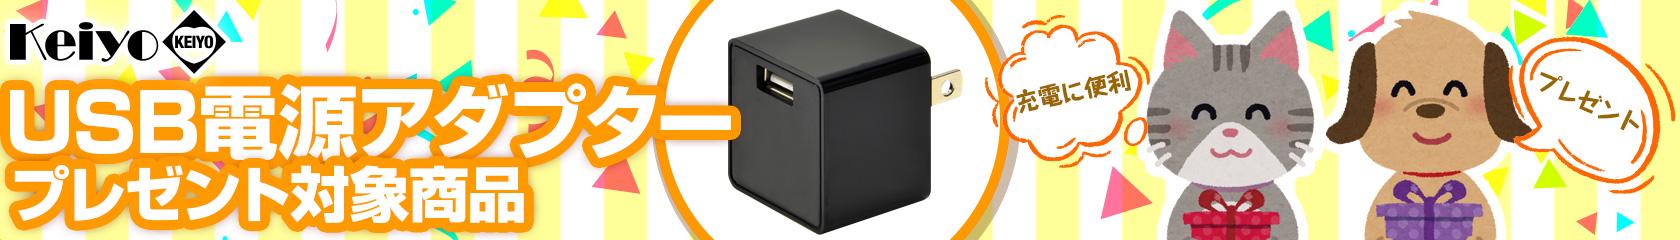 USB電源アダプタープレゼント